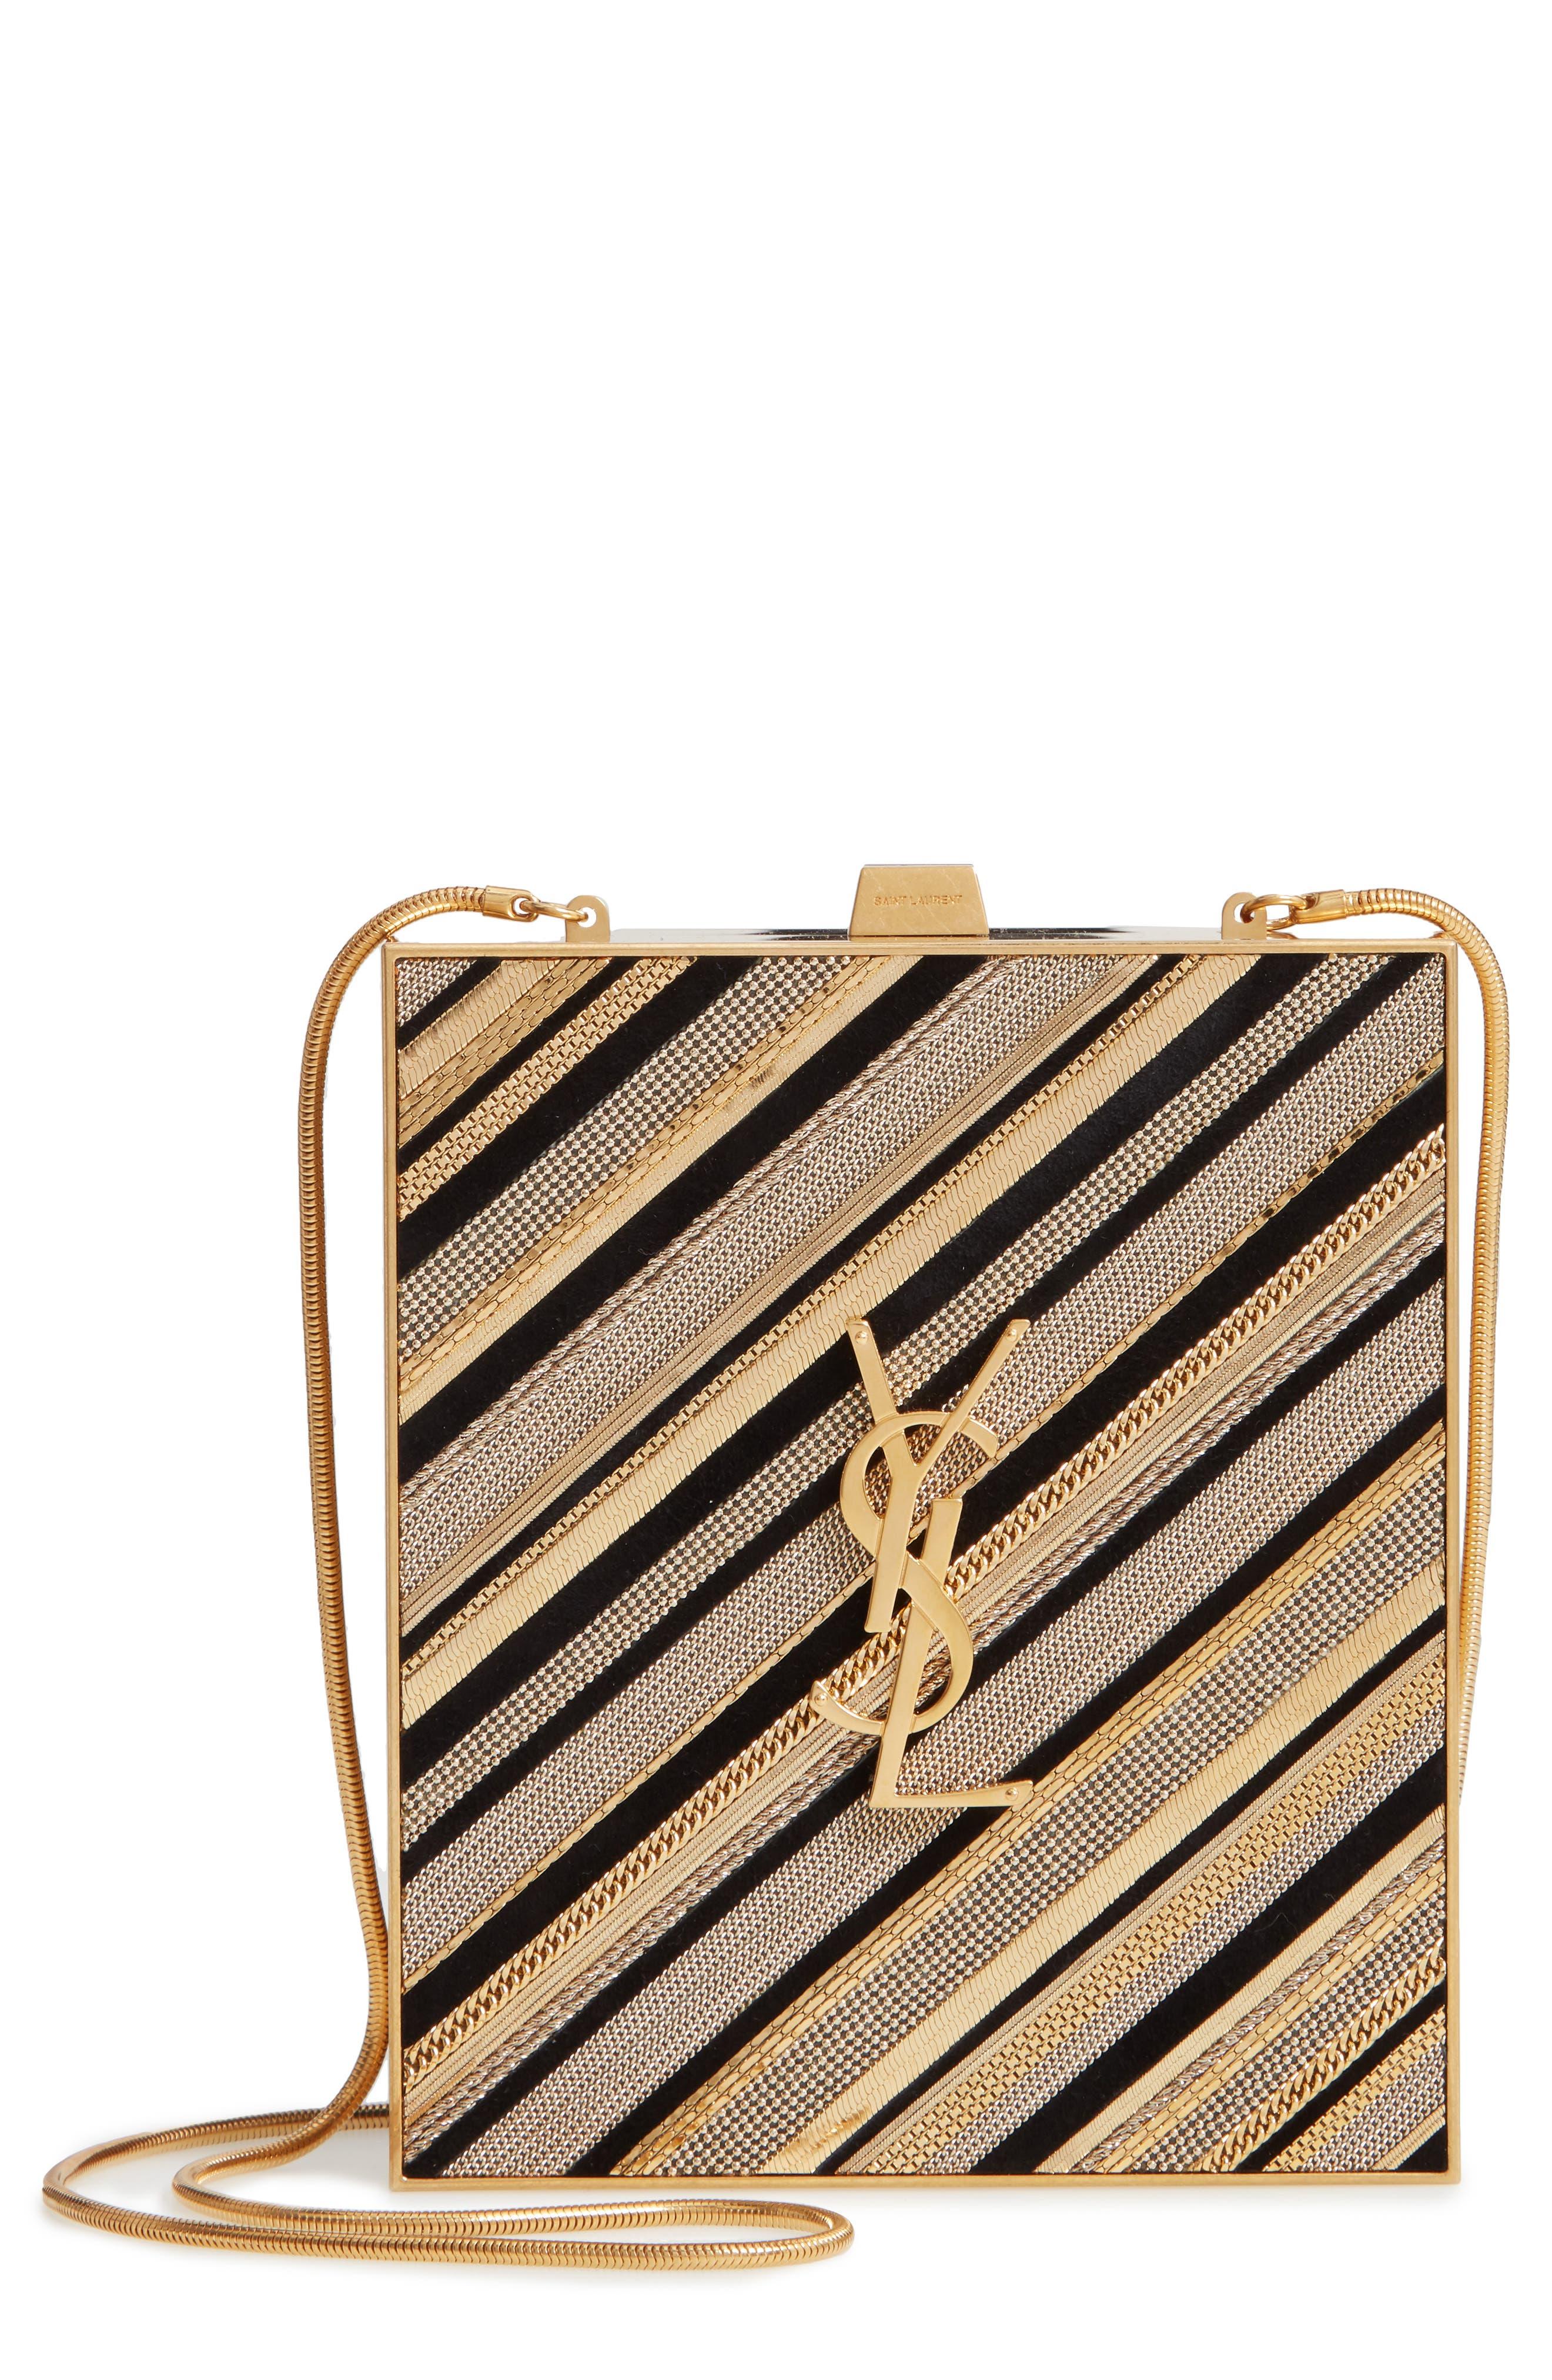 Tuxedo Box Clutch,                         Main,                         color, NOIR/ ORO